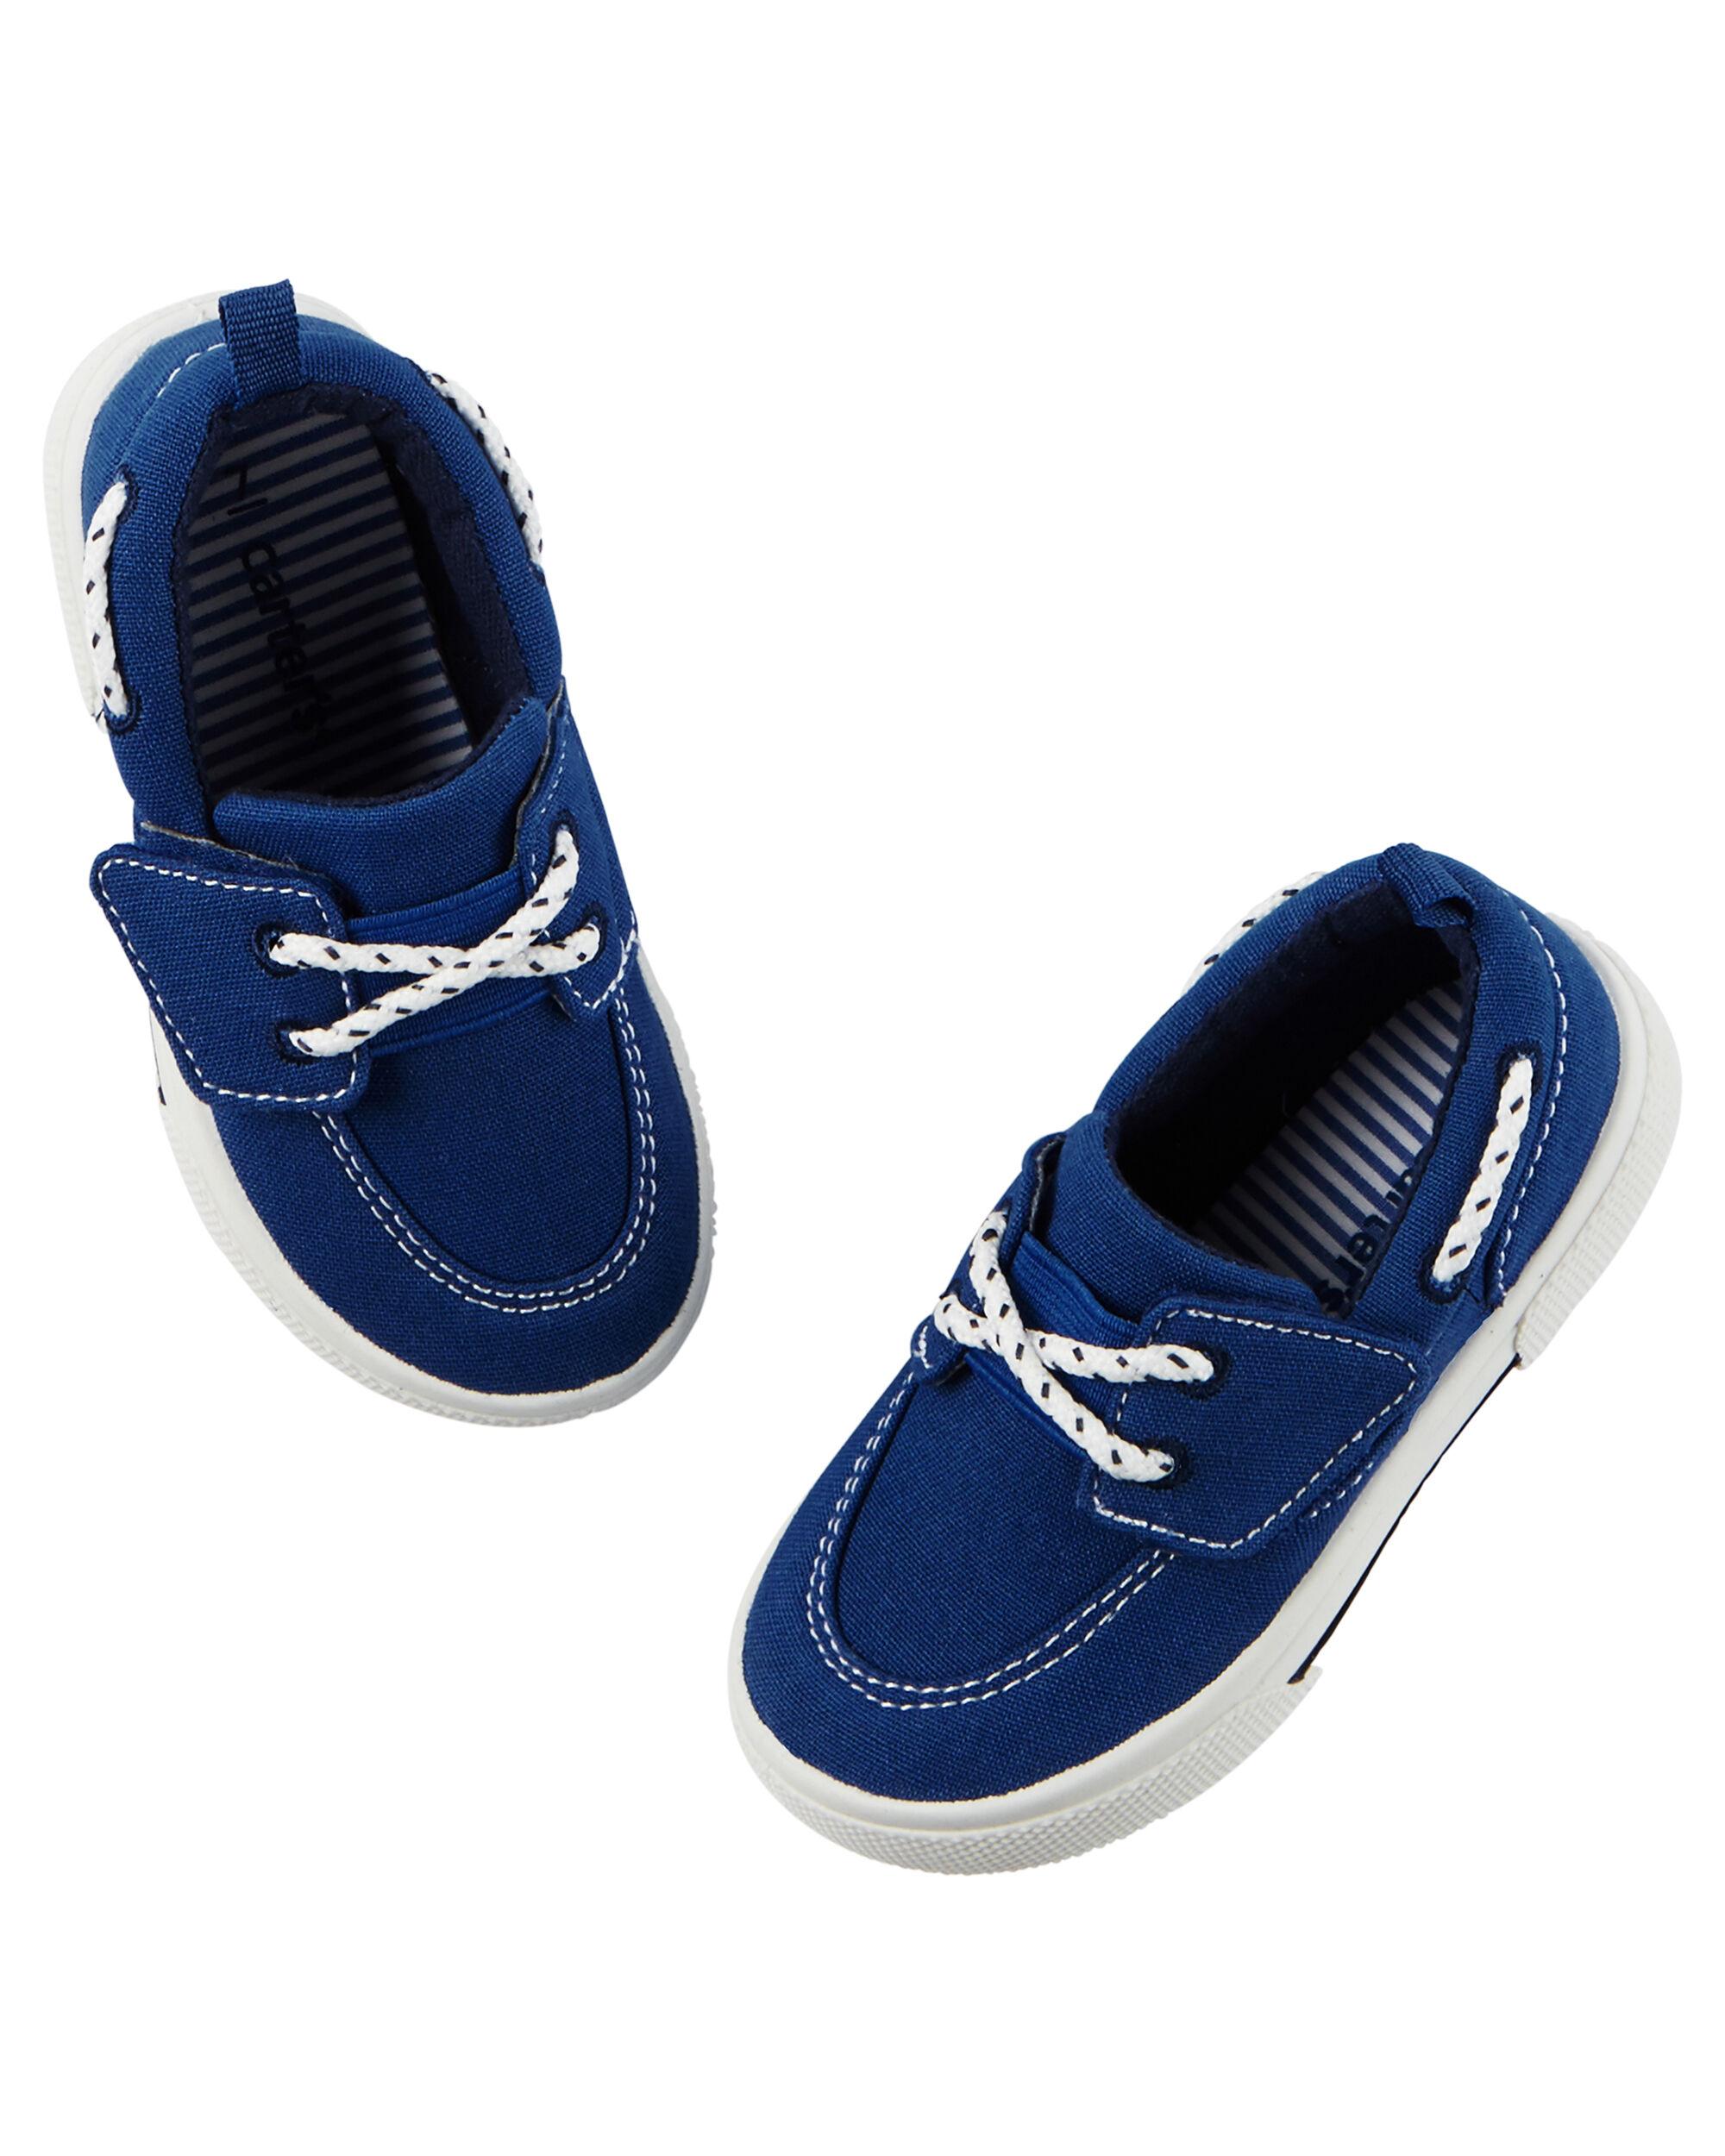 aef095af7 Carter s Boat Shoes. Loading zoom